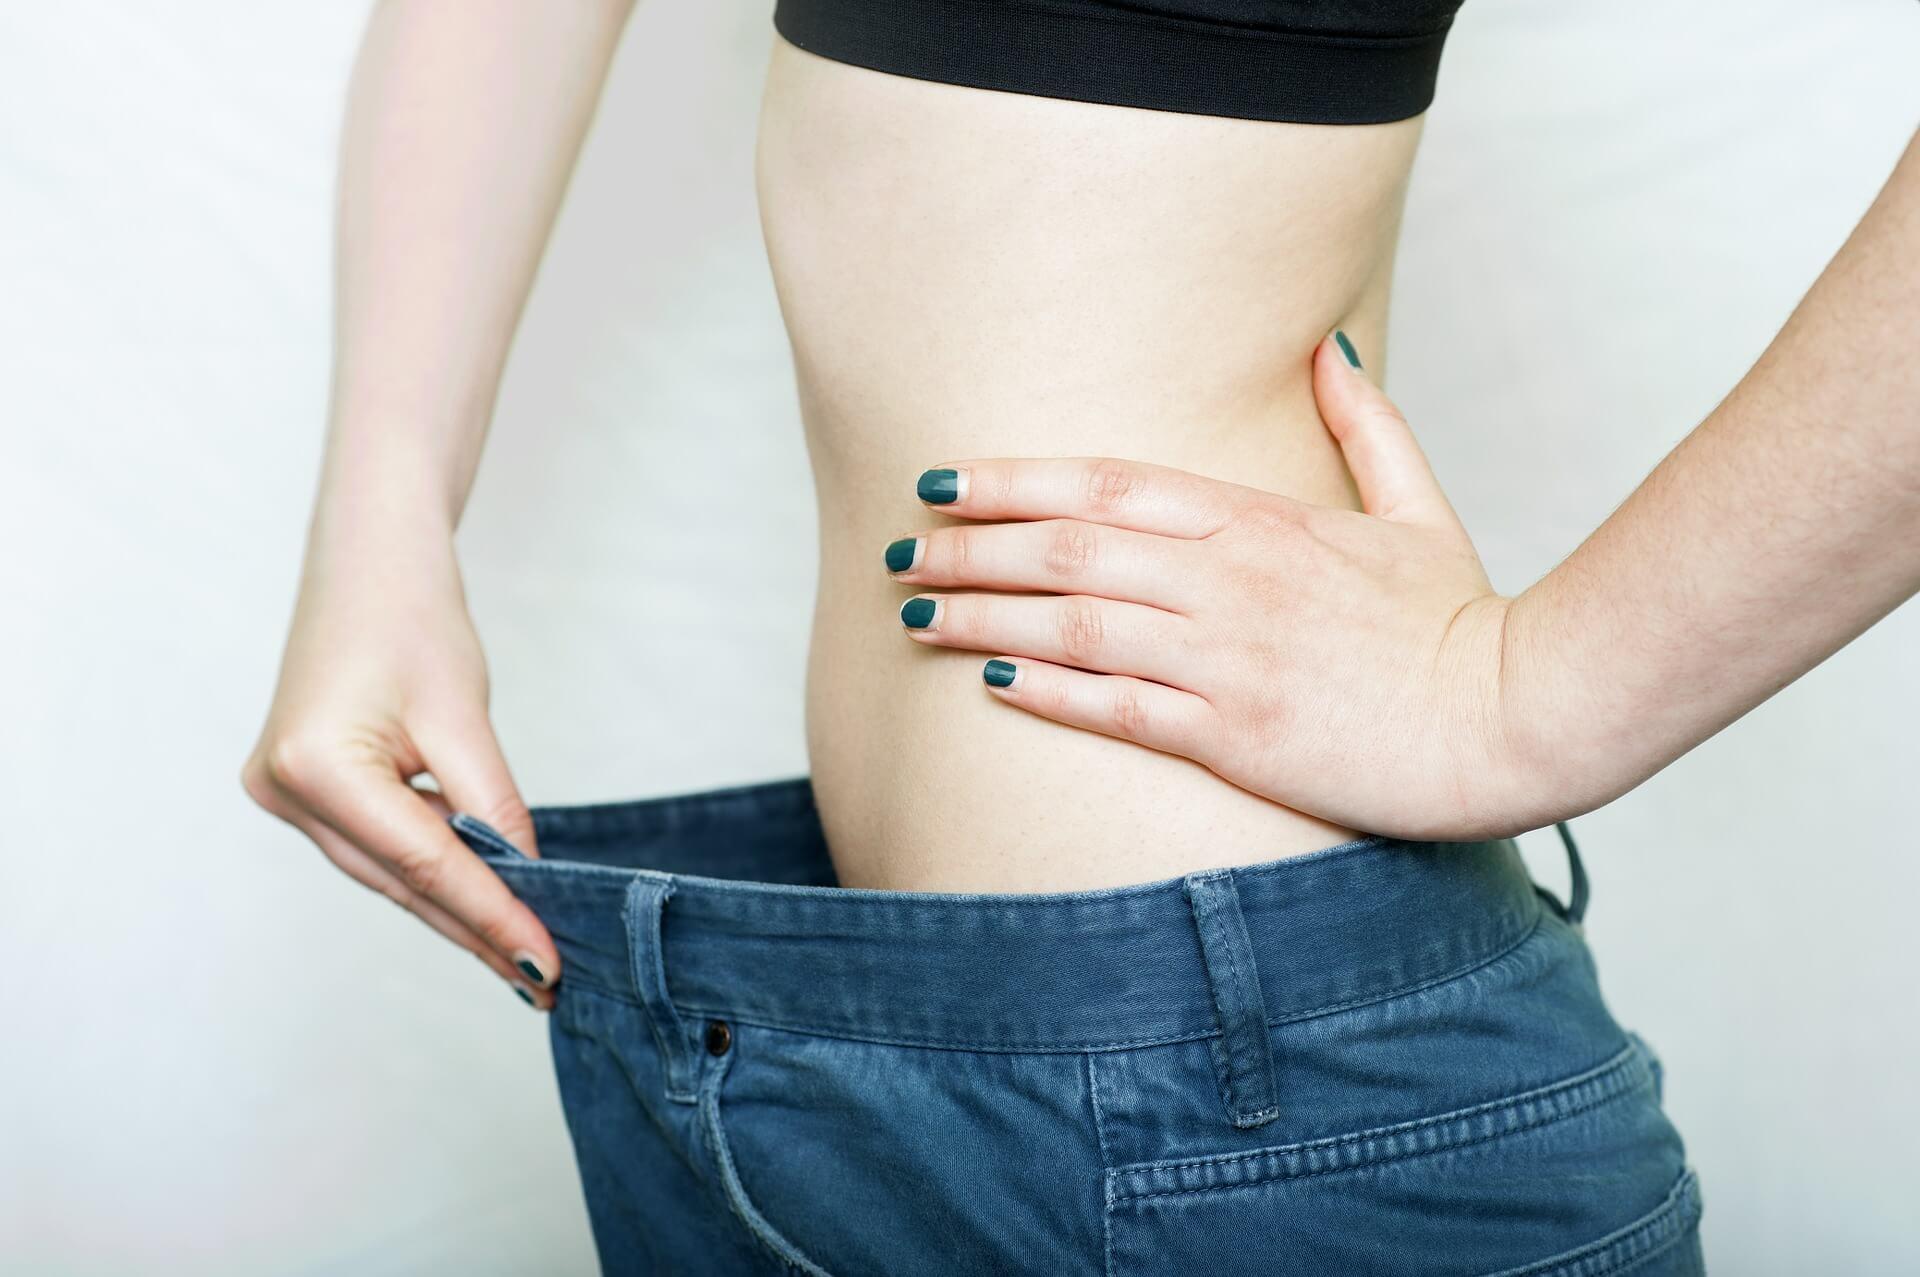 ダイエットに部分痩せというものは、存在しない | setaku blog